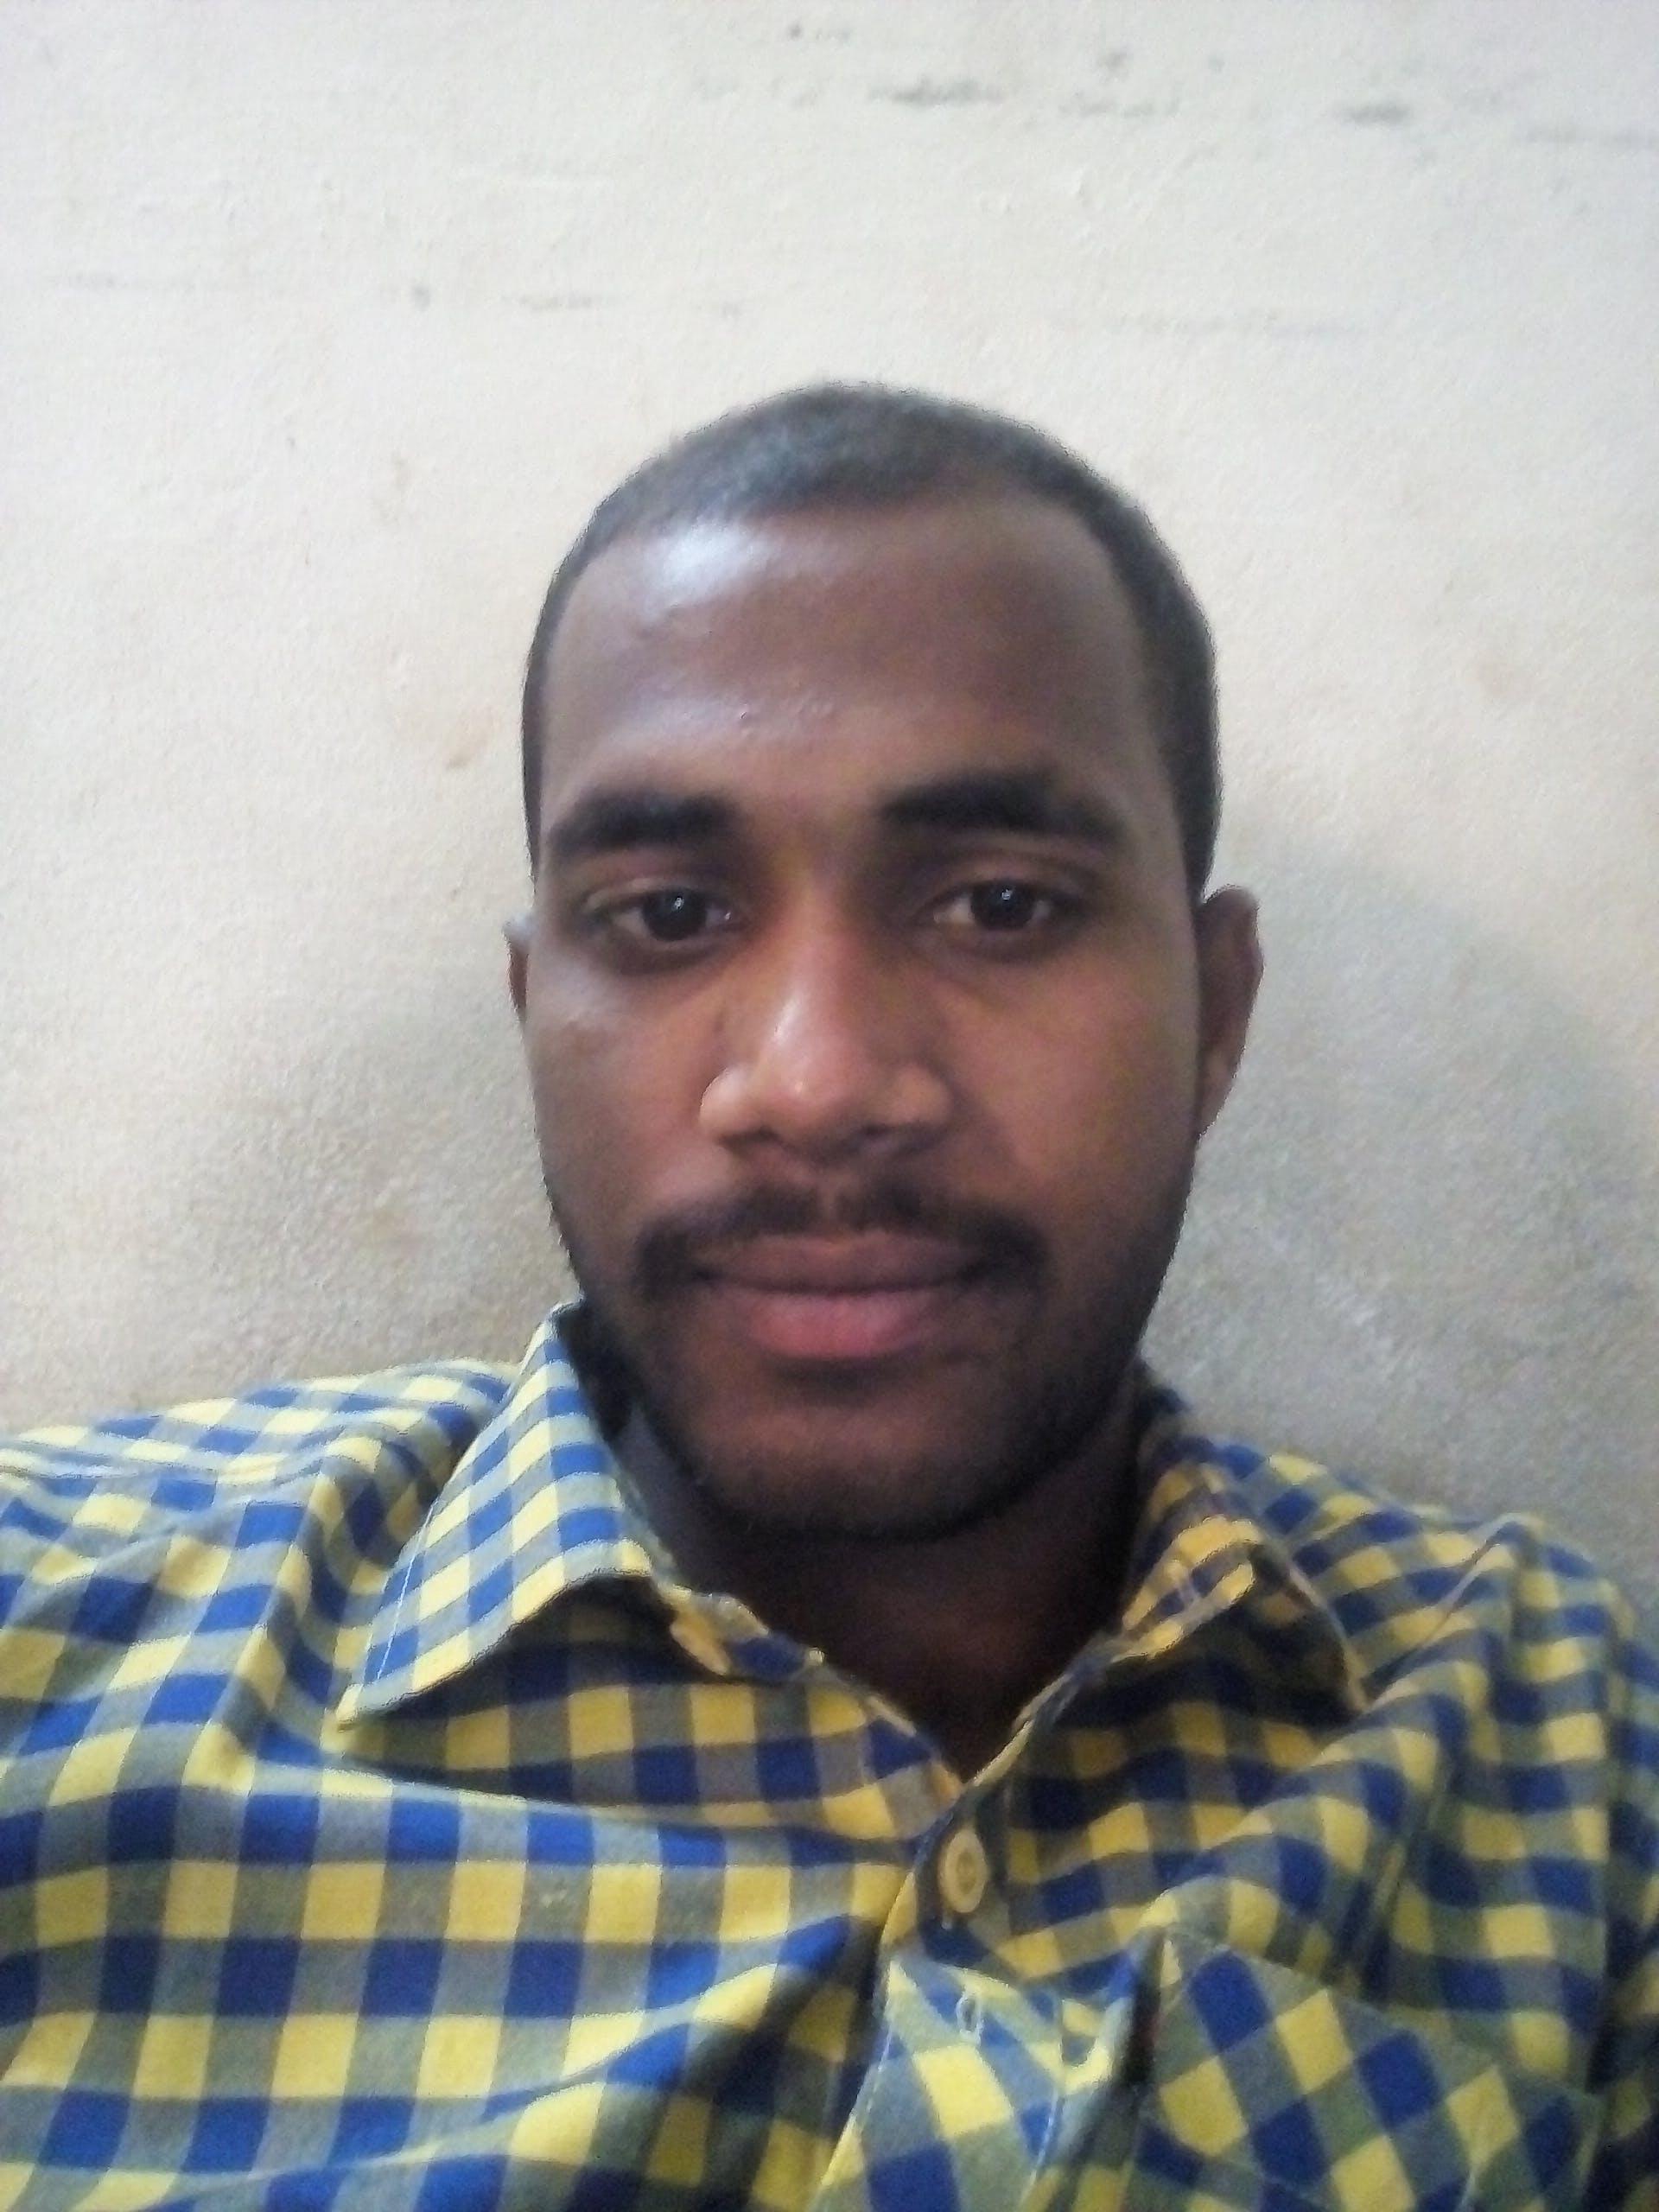 M sreenath